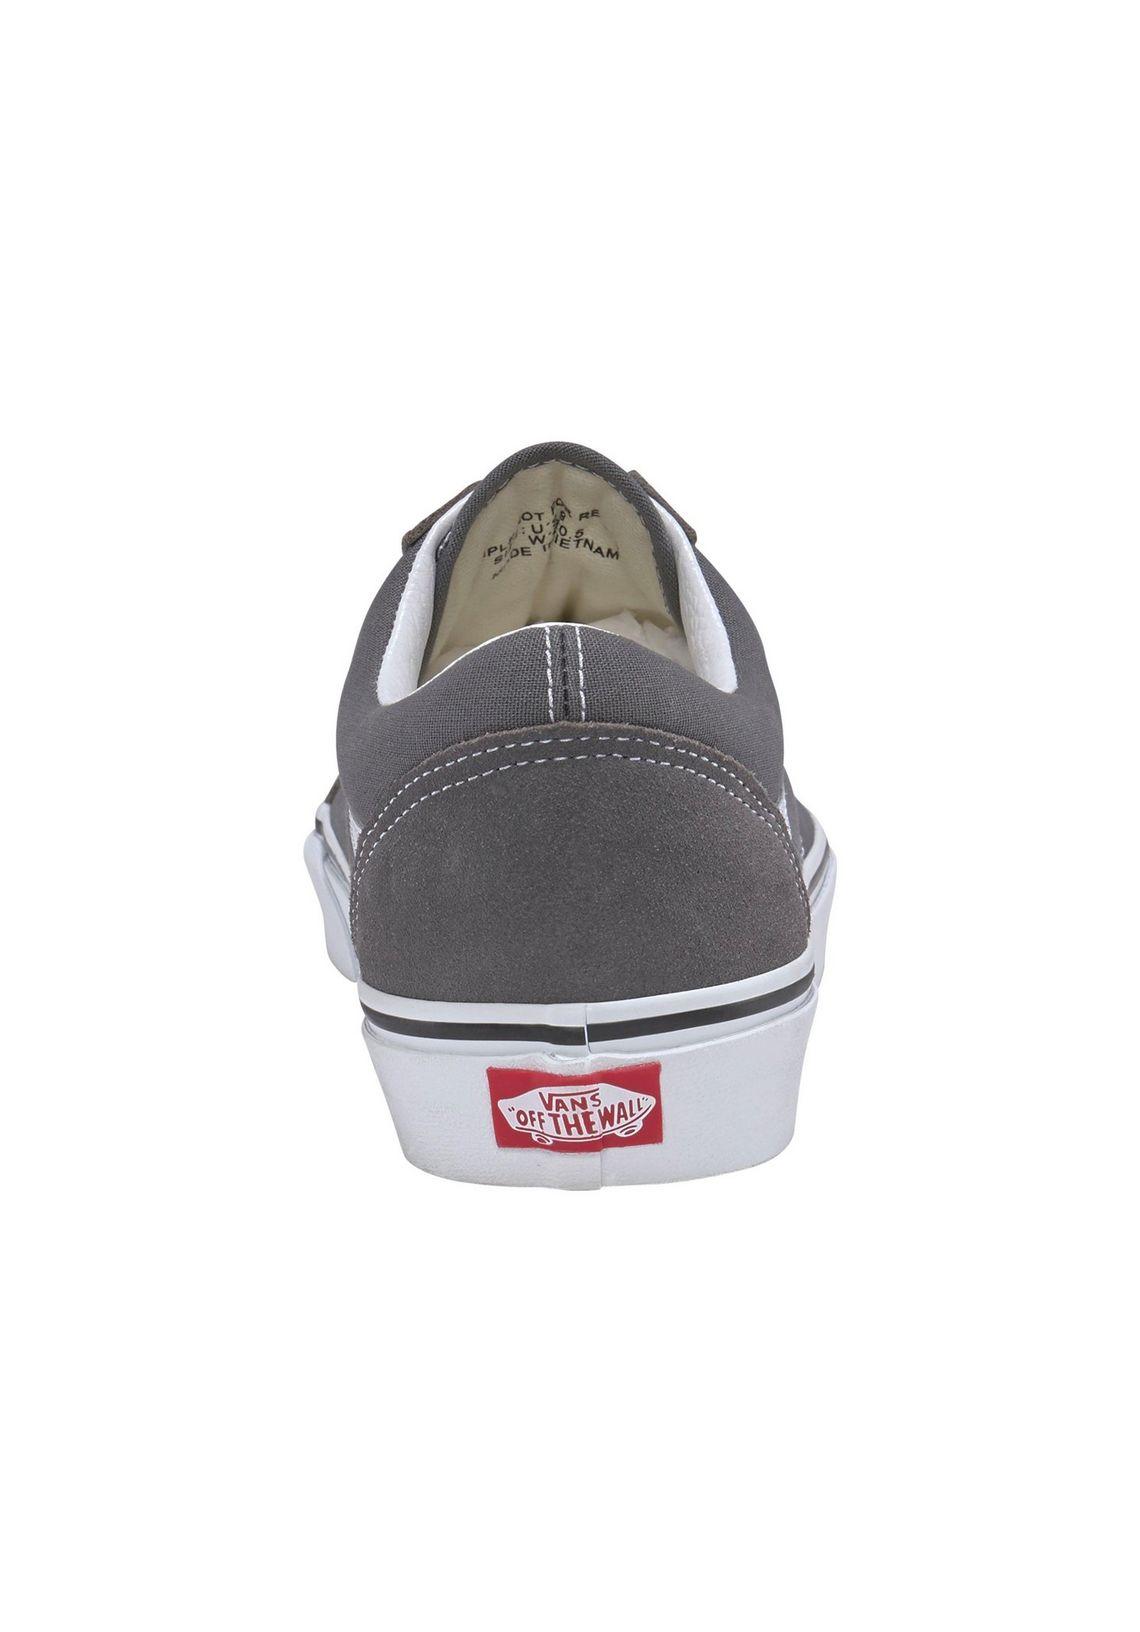 Vans sneakers  Old Skool makkelijk gekocht  grijs/wit